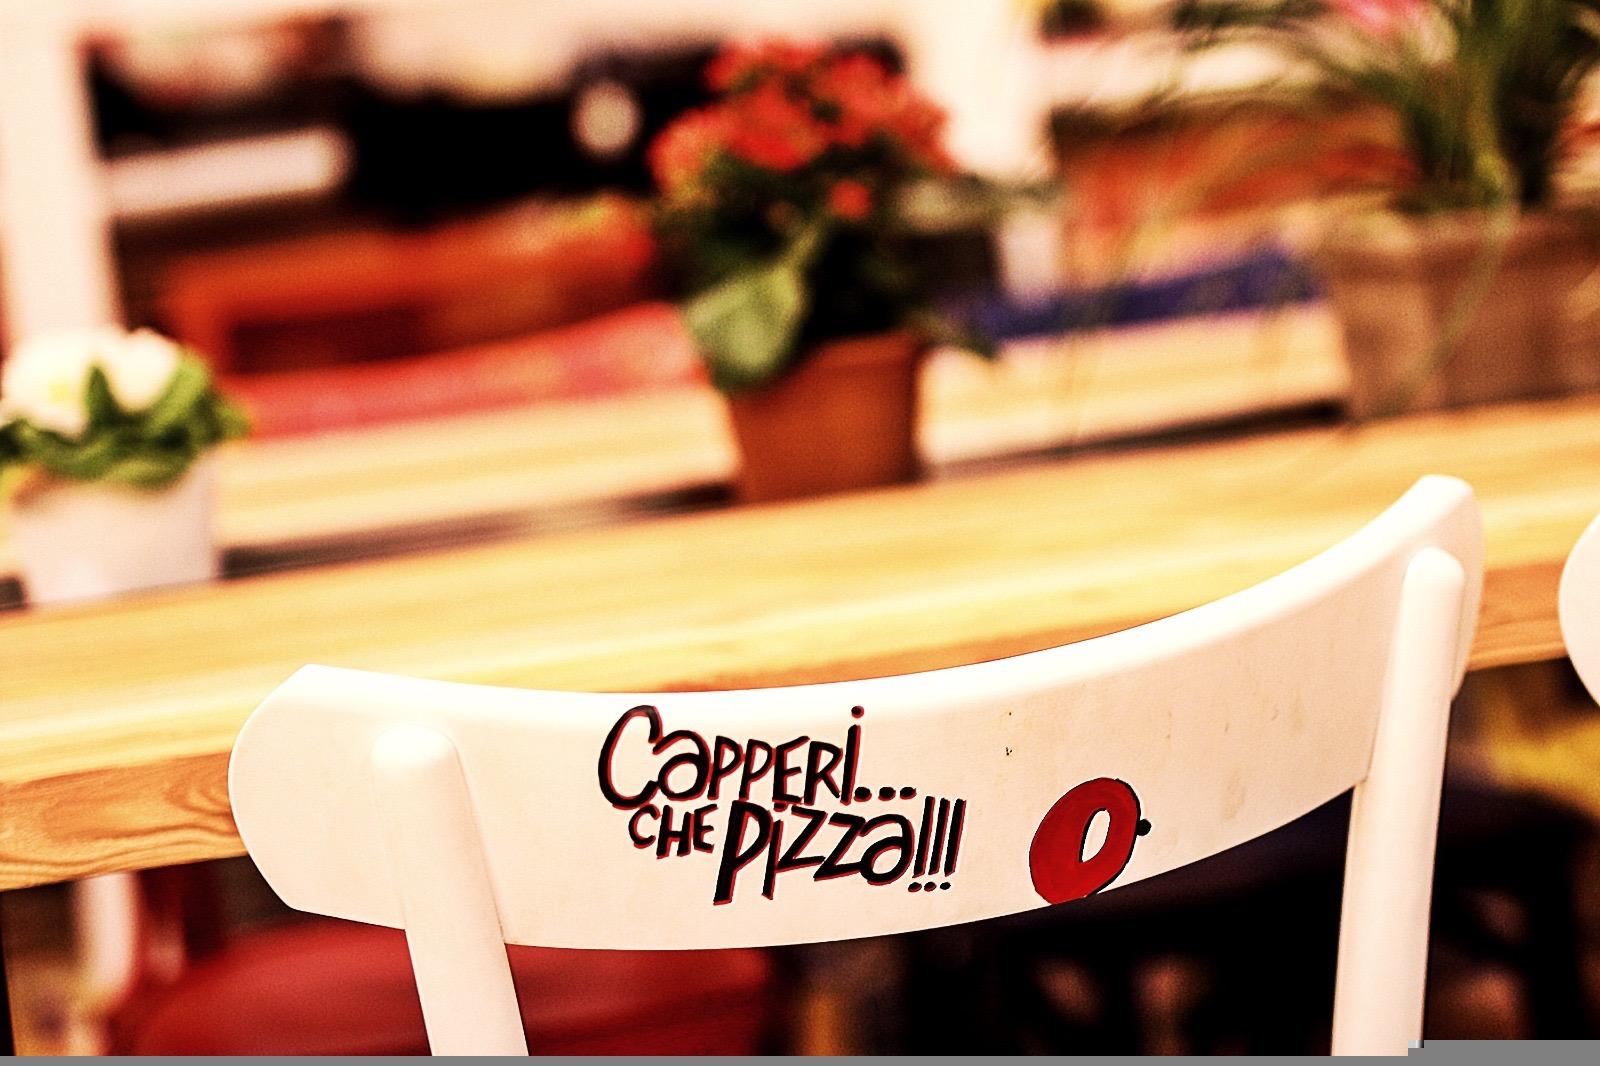 Capperi...che Pizza!